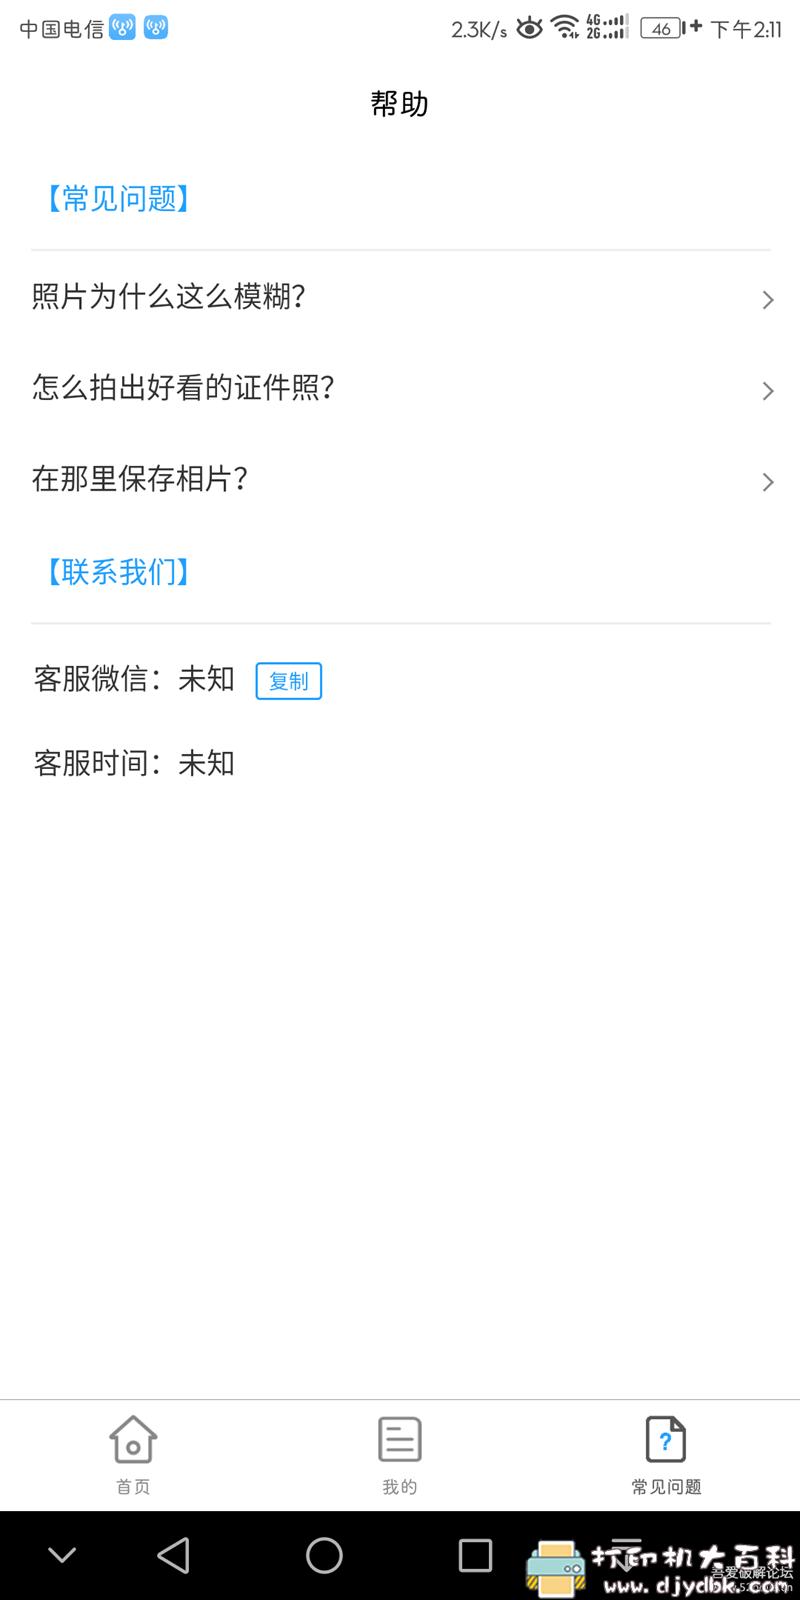 [Android]免费证件照制作工具:【小男孩证件照制作】支持500多种类型,一键换背景色自动排版自动美颜 配图 No.4